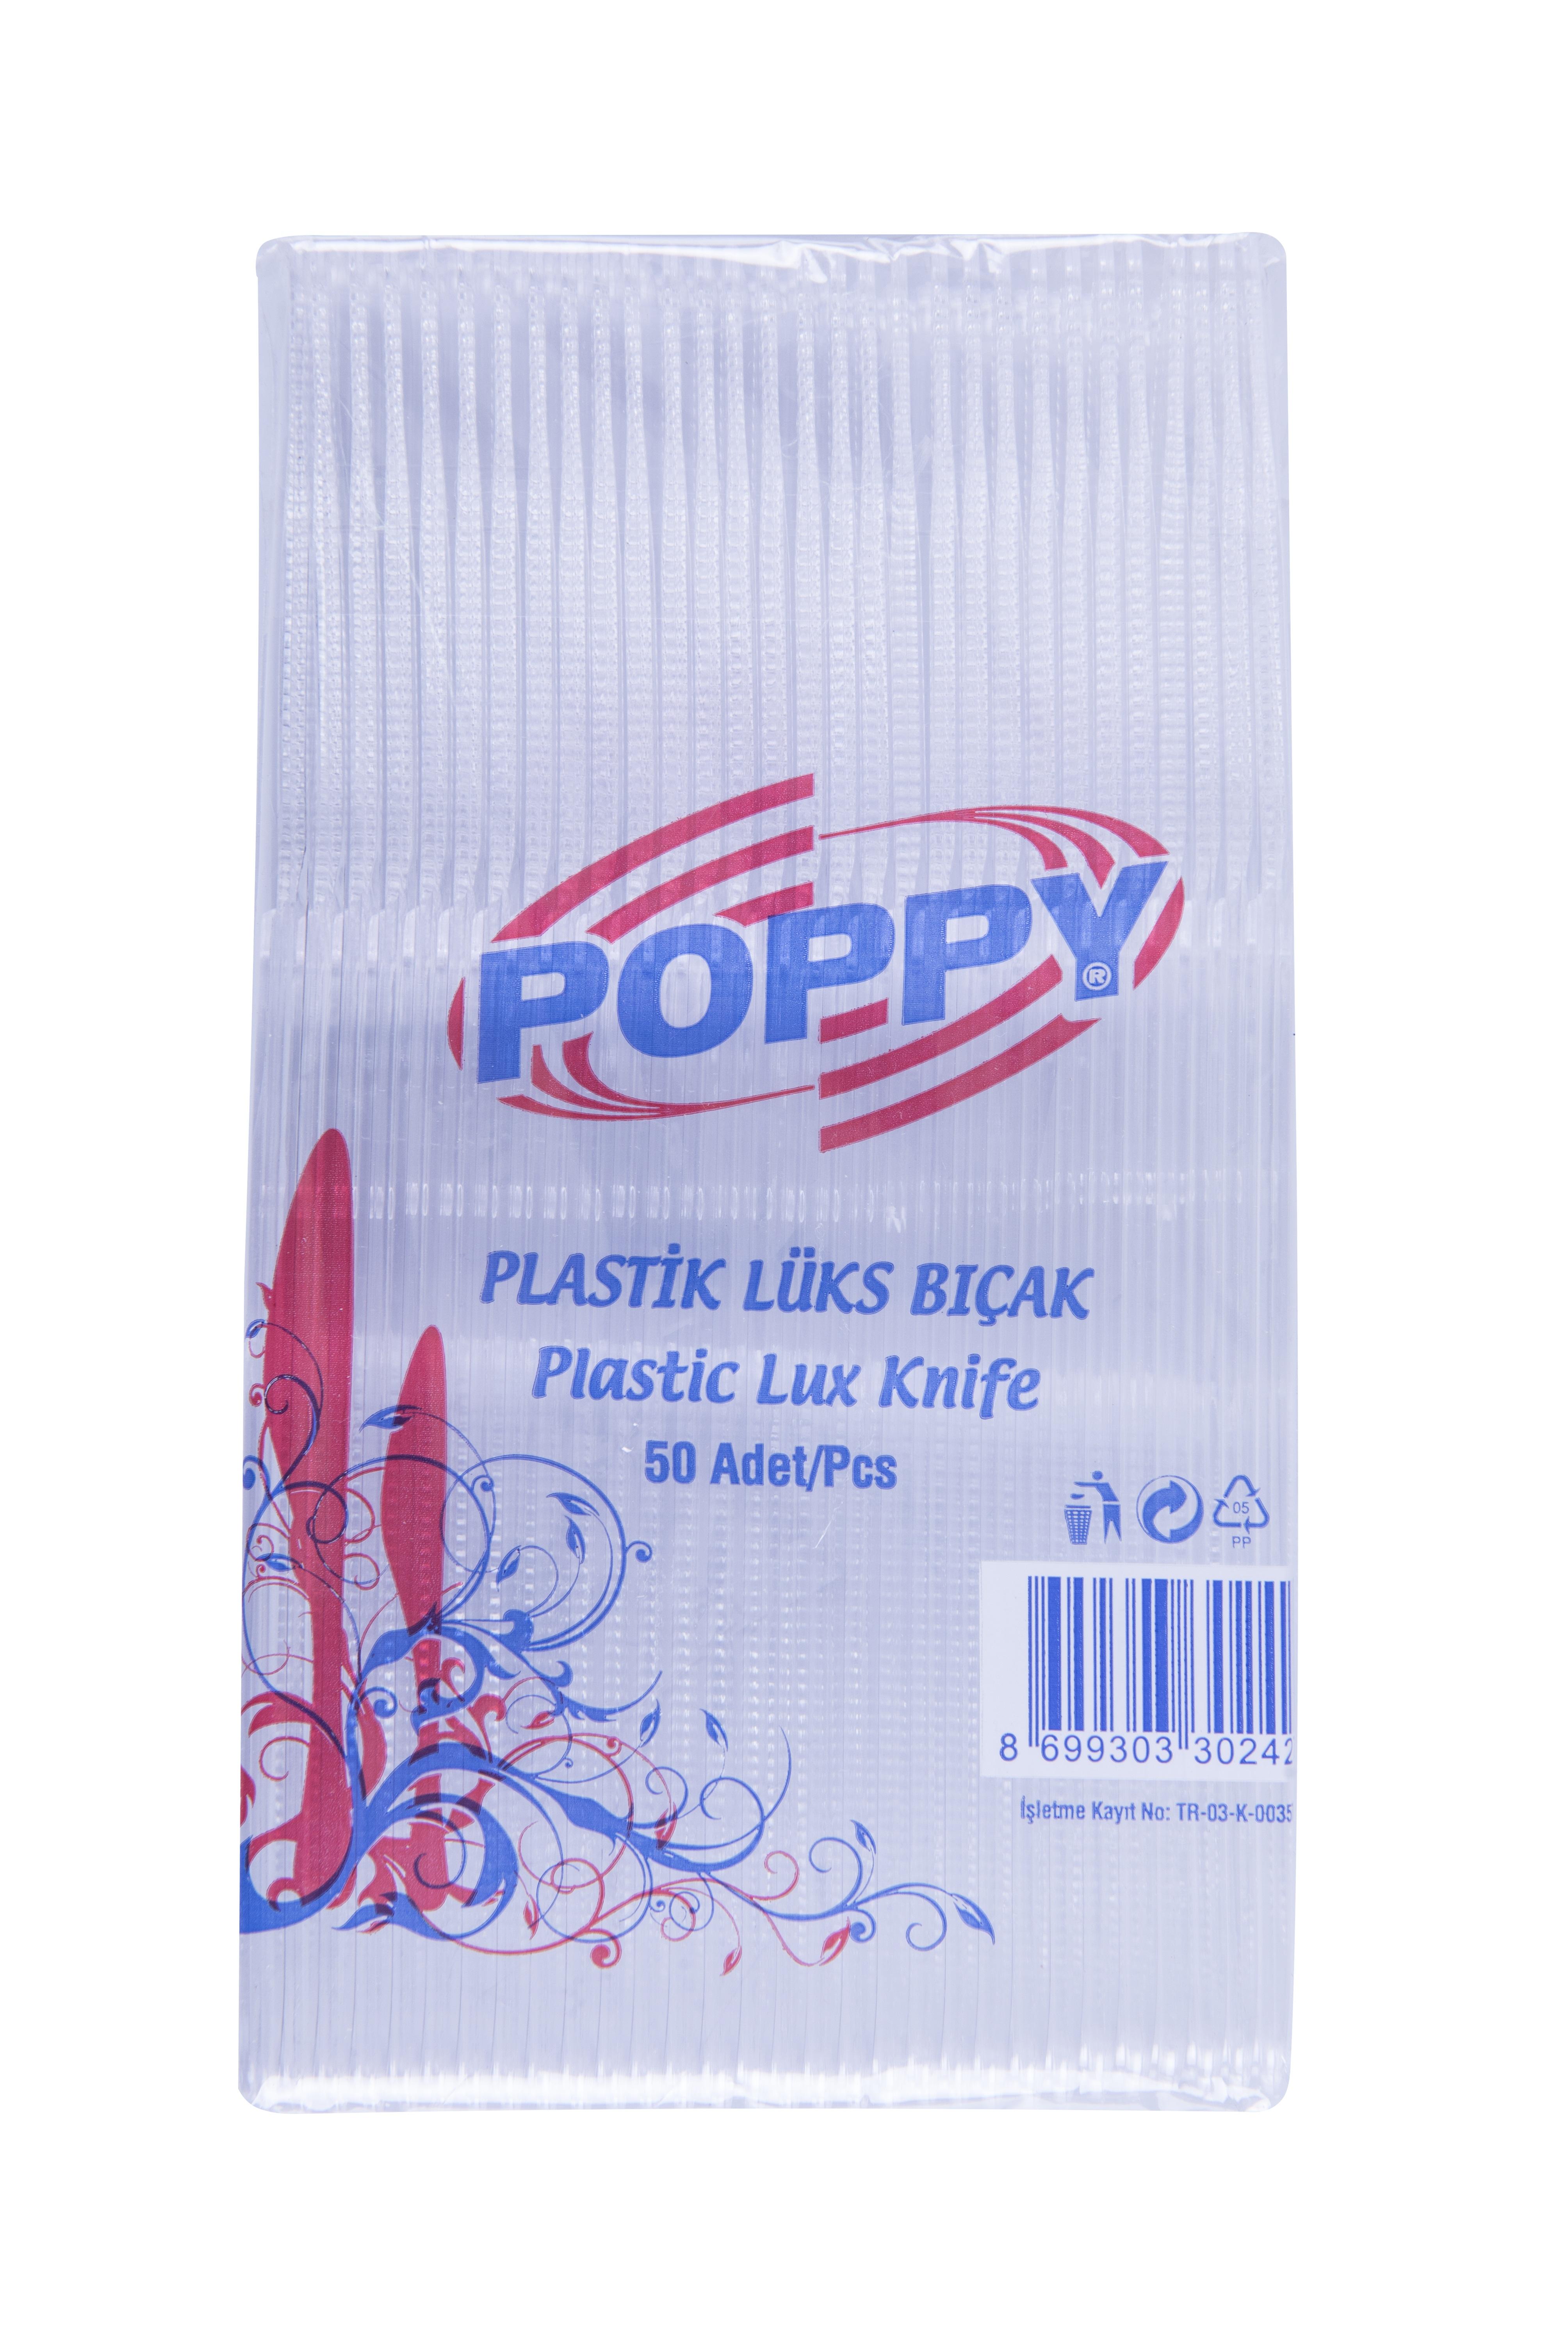 Poppy Plastic Luxury Knife